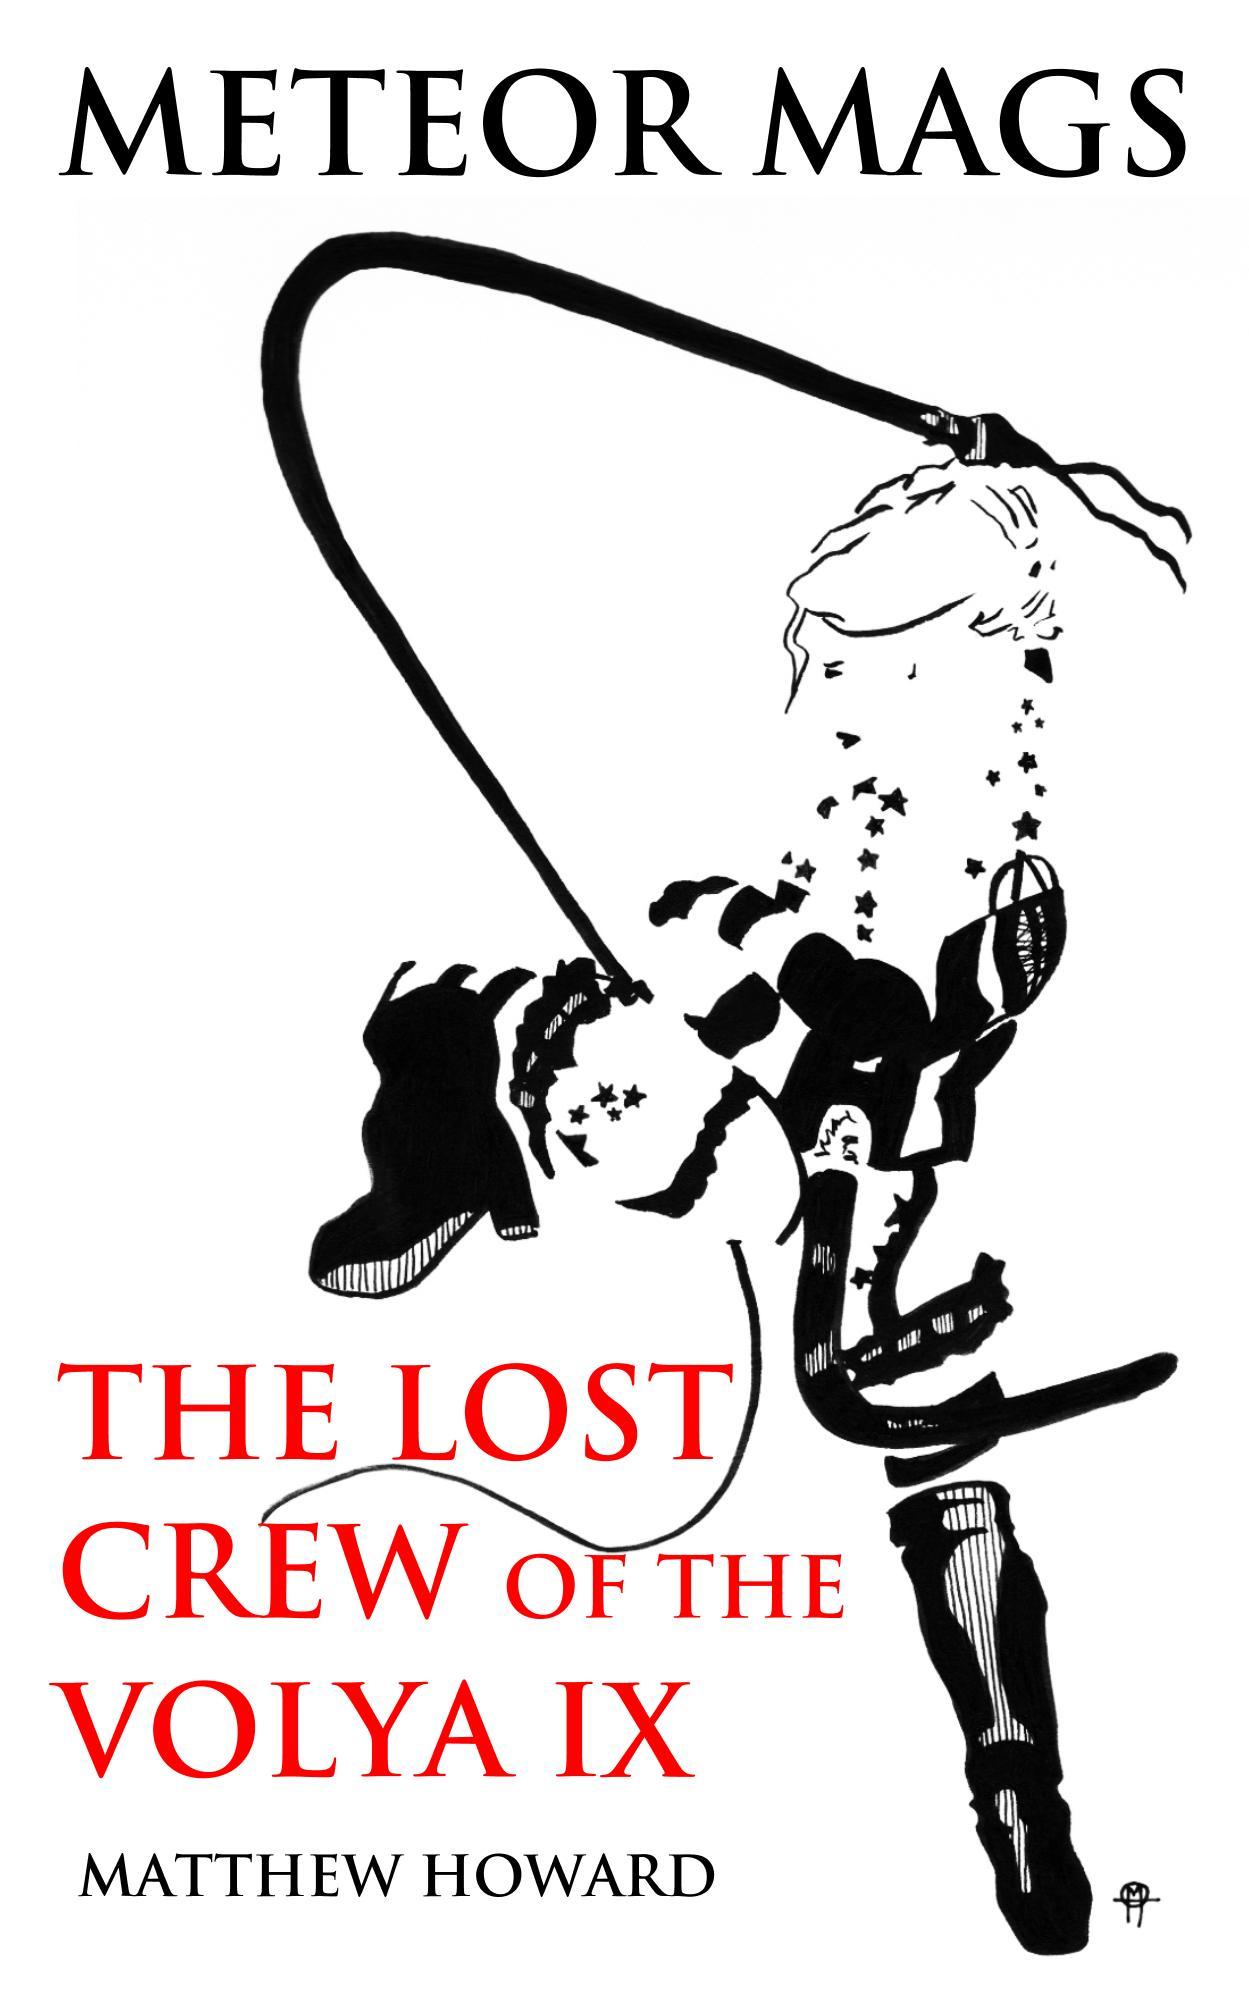 lost crew of the volya ix